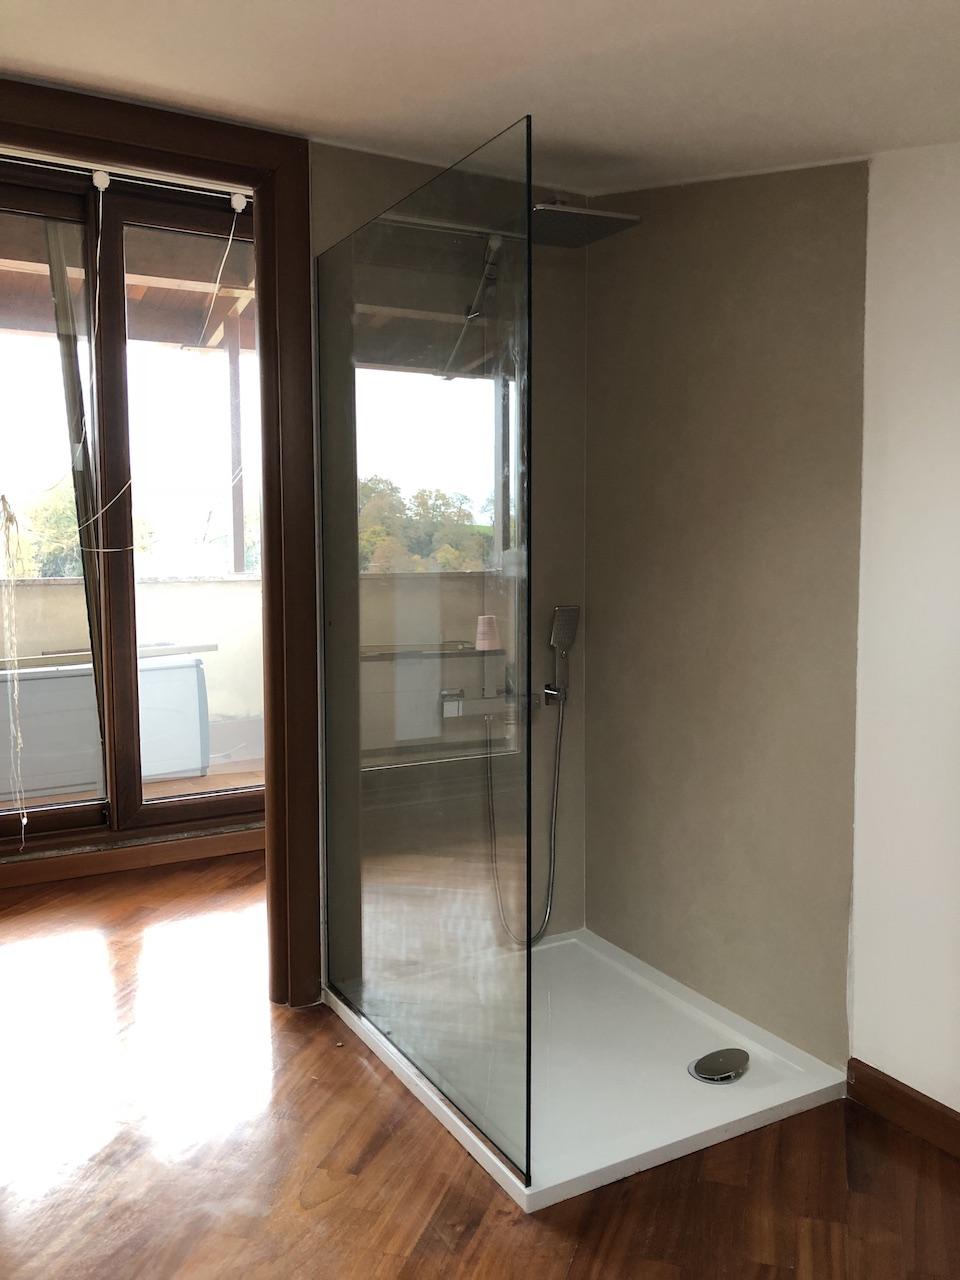 Vetreria pecci box doccia e ante in vetro su misura - Box doccia in vetro ...